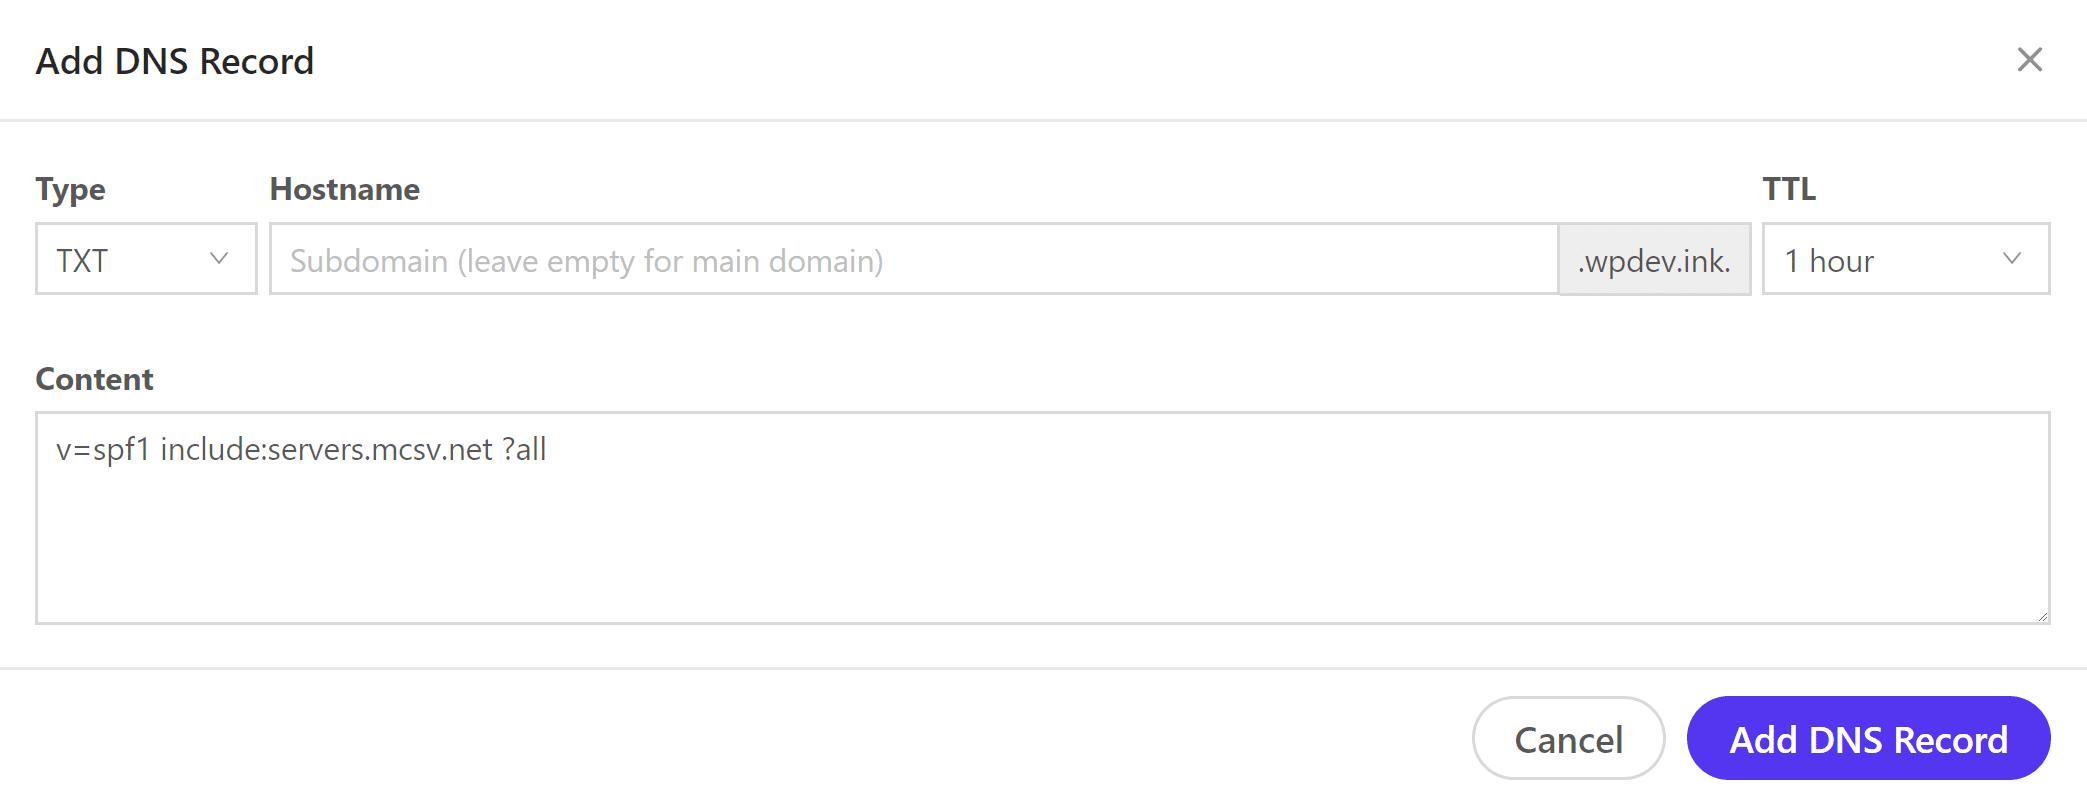 Ajouter un enregistrement de type TXT (SPF)